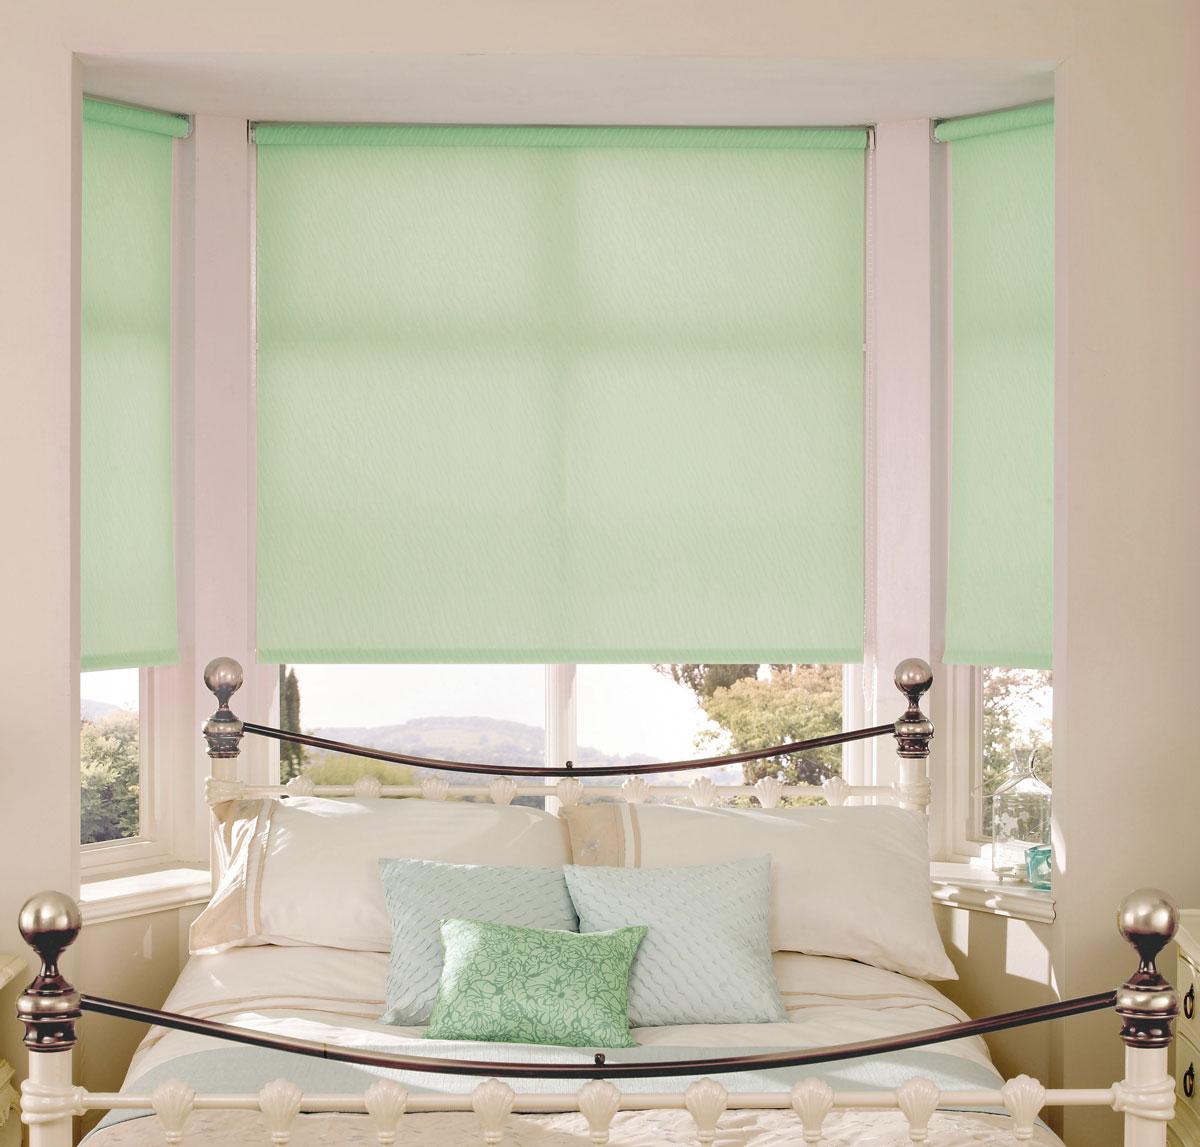 Штора рулонная KauffOrt Миниролло, цвет: светло-зеленый, ширина 68 см, высота 170 см3068017Рулонная штора Миниролло выполнена из высокопрочной ткани, которая сохраняет свой размер даже при намокании. Ткань не выцветает и обладает отличной цветоустойчивостью. Миниролло - это подвид рулонных штор, который закрывает не весь оконный проем, а непосредственно само стекло. Такие шторы крепятся на раму без сверления при помощи зажимов или клейкой двухсторонней ленты (в комплекте). Окно остается на гарантии, благодаря монтажу без сверления. Такая штора станет прекрасным элементом декора окна и гармонично впишется в интерьер любого помещения.